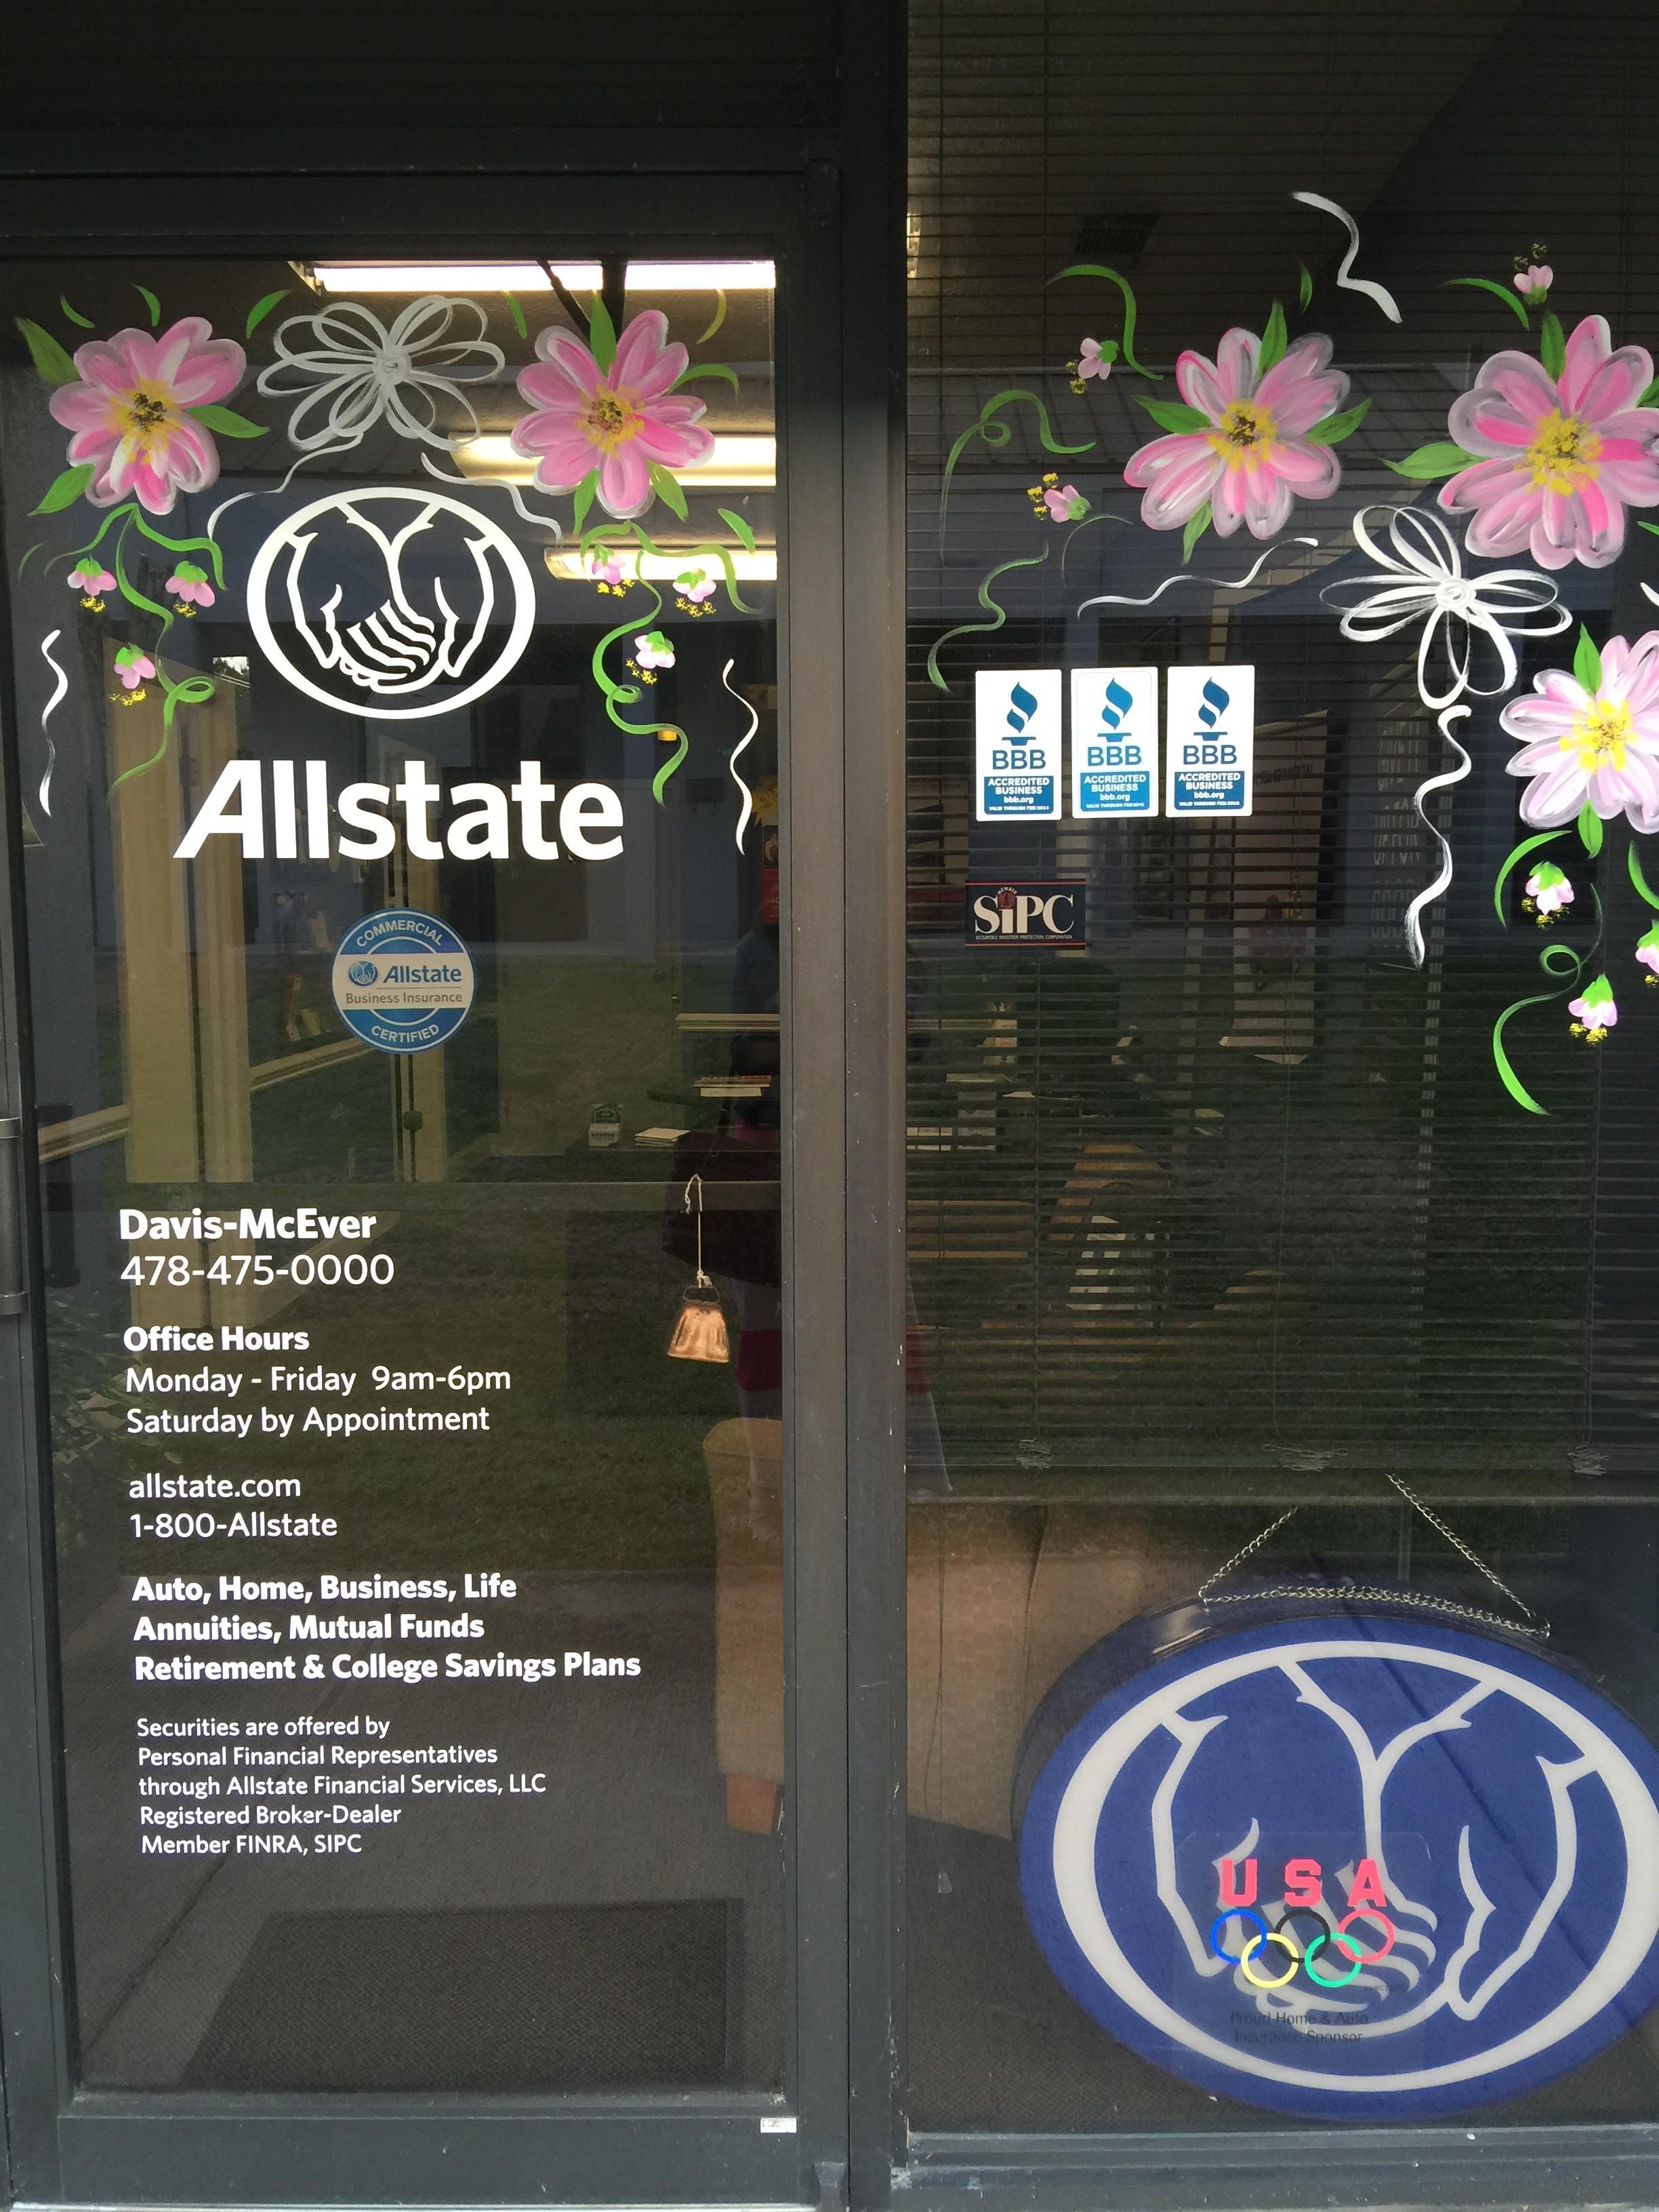 John Davis: Allstate Insurance image 1